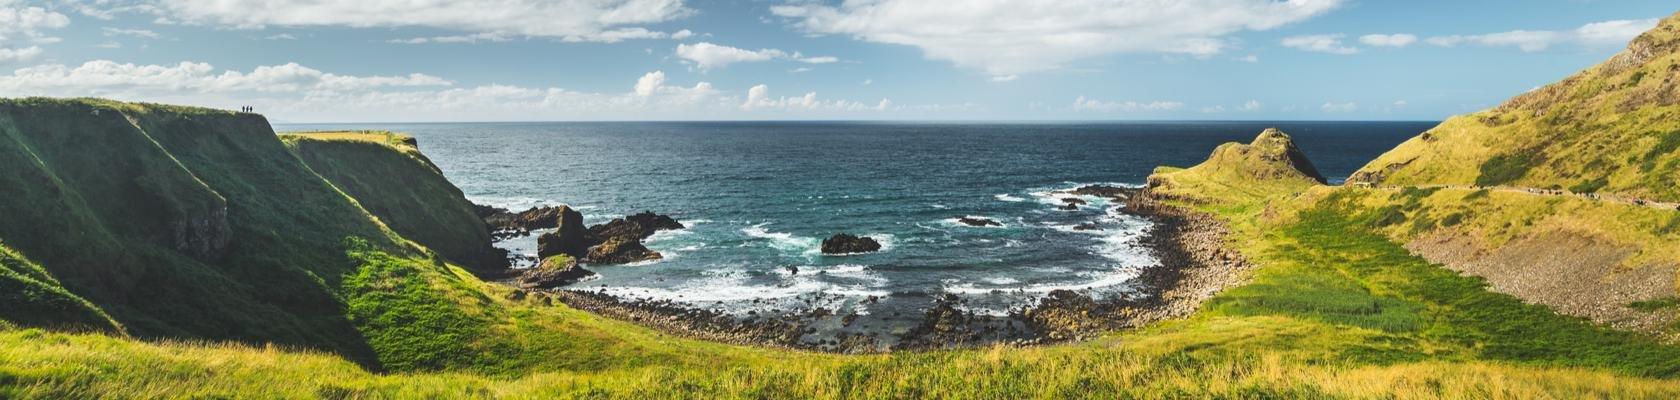 Noord-Ierse kust